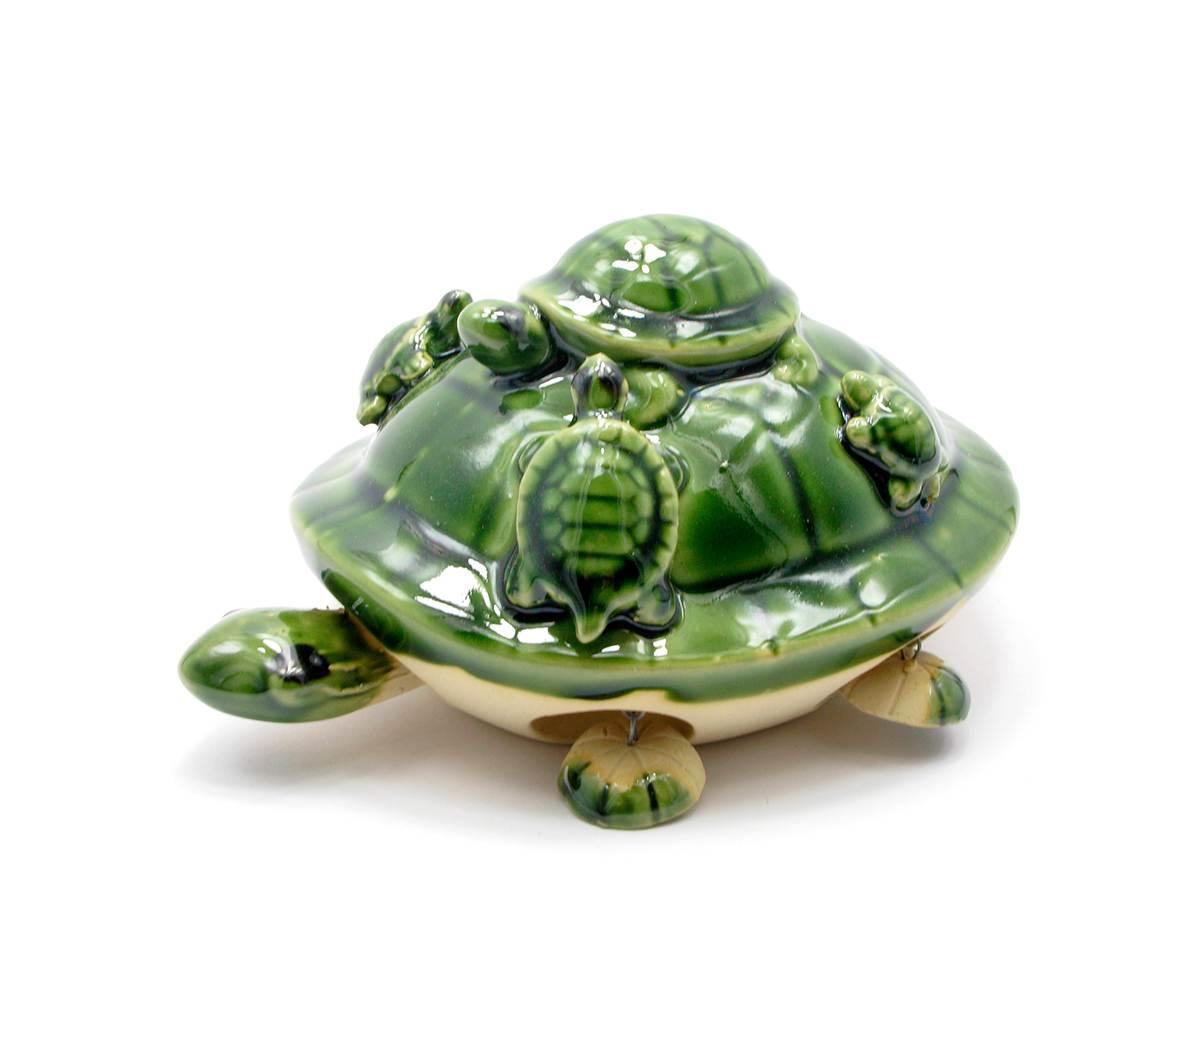 Статуэтка Super Hit Черепашка A керамическая (шевелит лапками) (15,5х10,5х8 см) зеленая